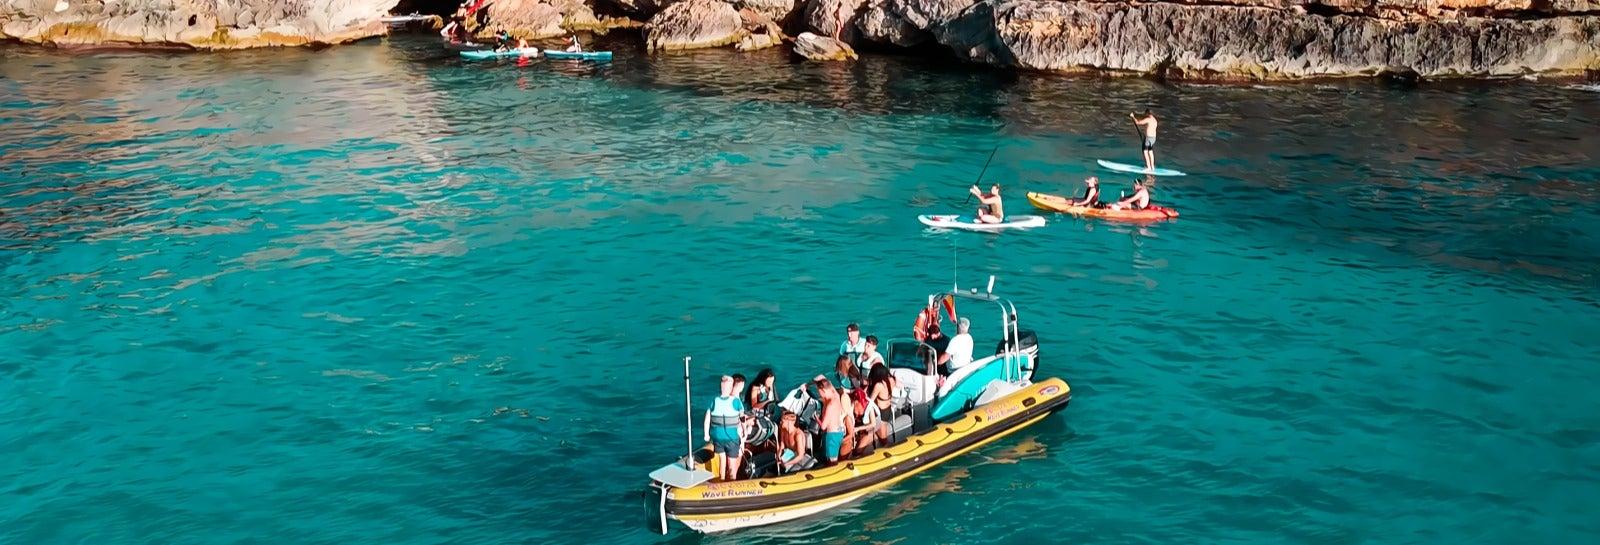 Lancha rápida desde Magaluf + Actividades acuáticas